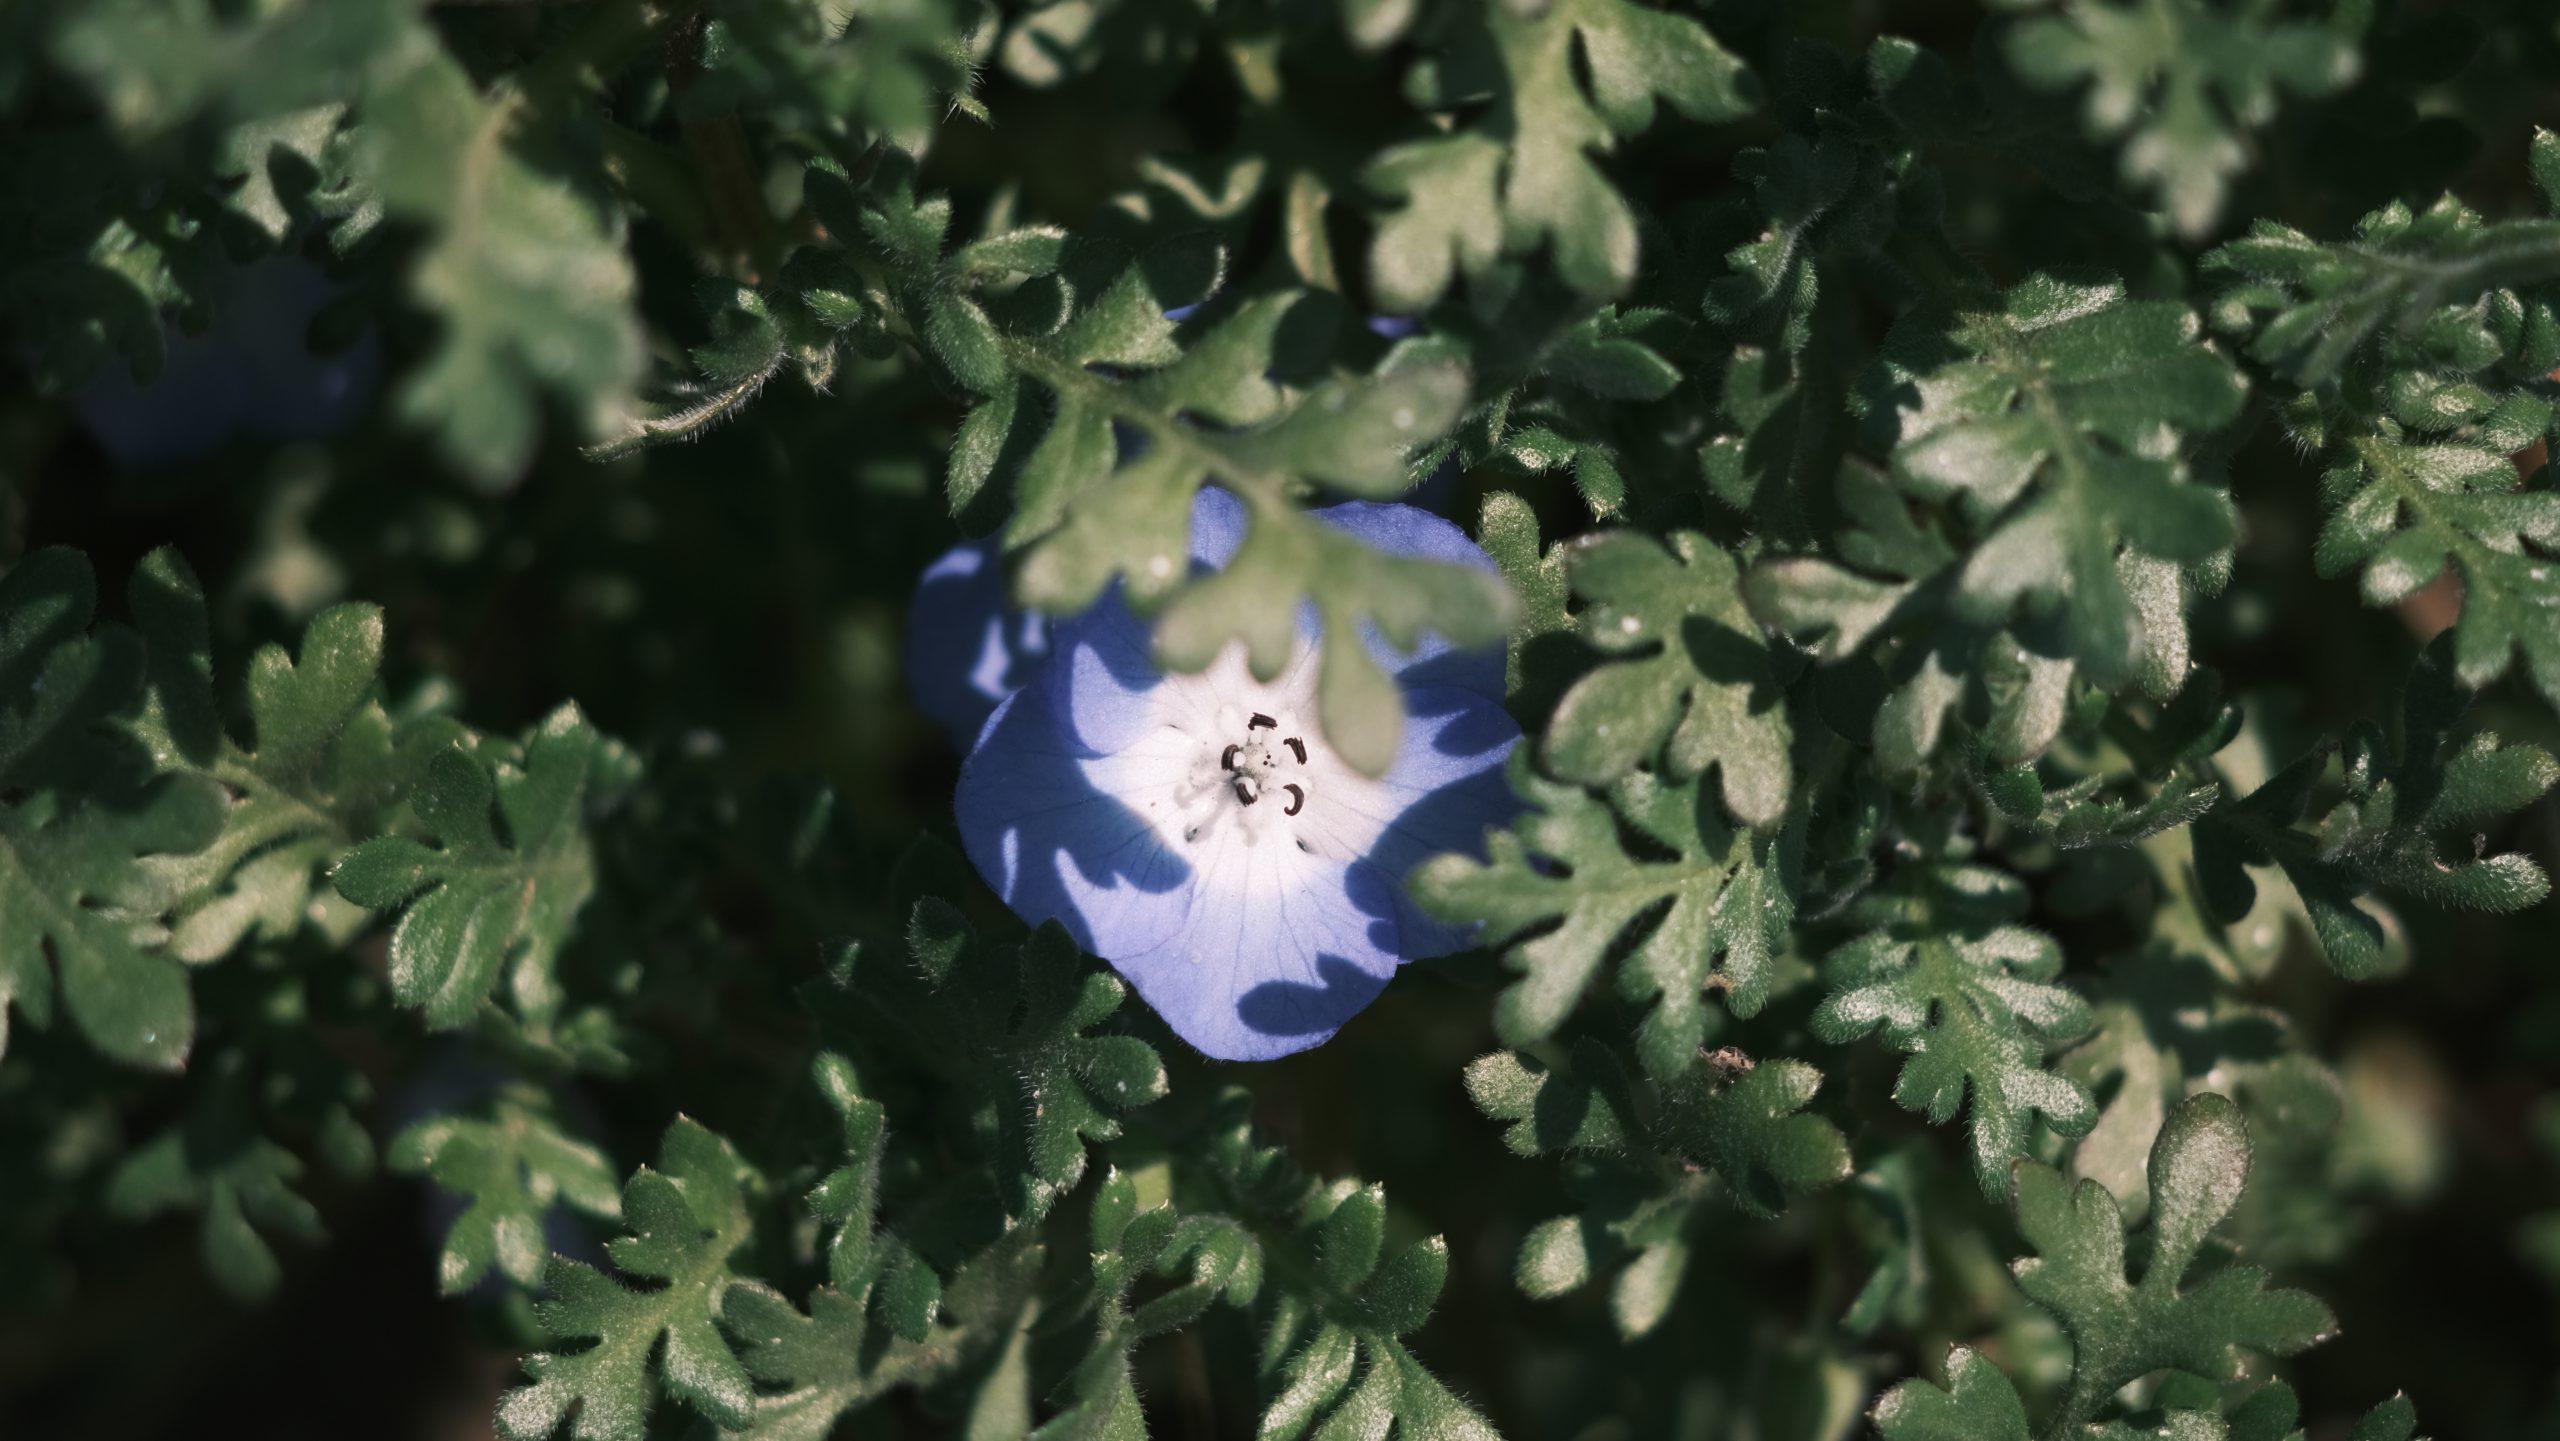 【FUJIFILM】X-E4×フィルムシミュレーションで覗くクラシックレンズの世界 Vol.1